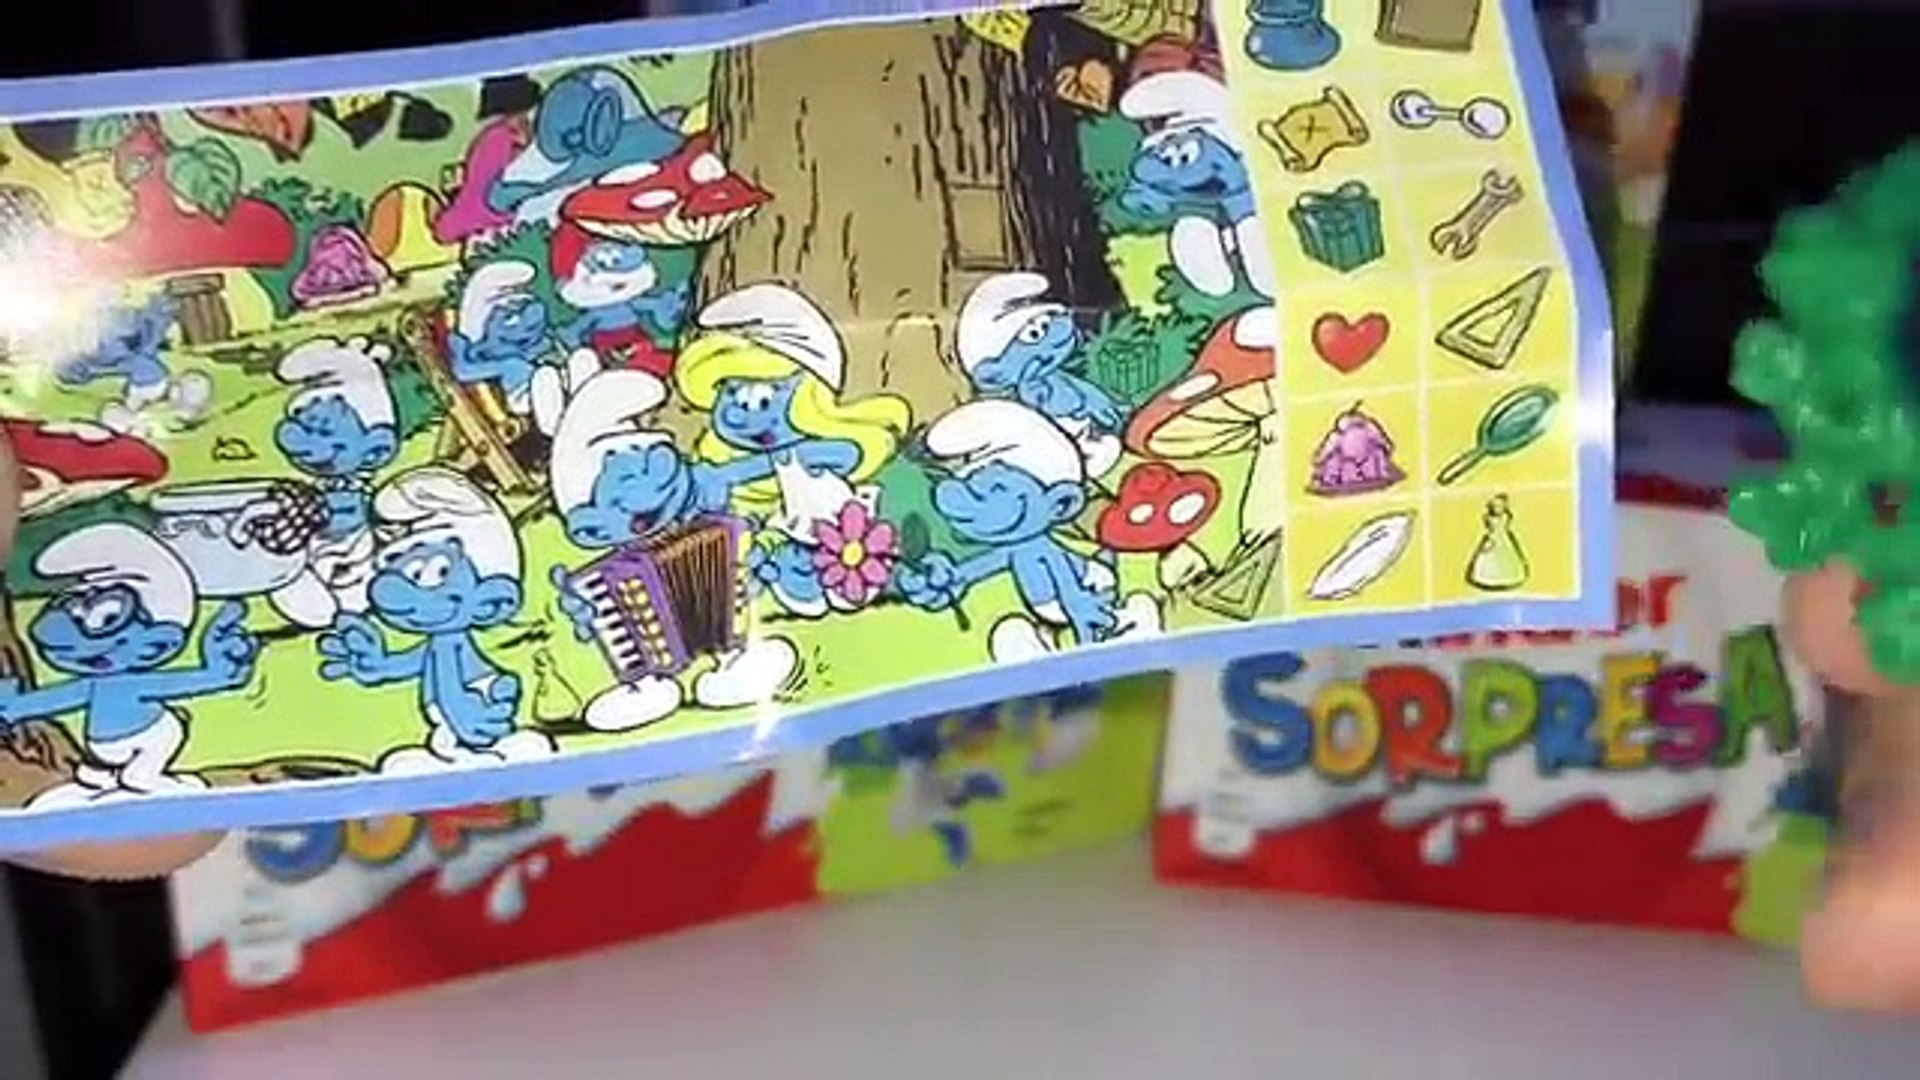 Киндер Сюрпризы Итальянские Смурфики,Unboxing Kinder Surprise the Smurfs Italy